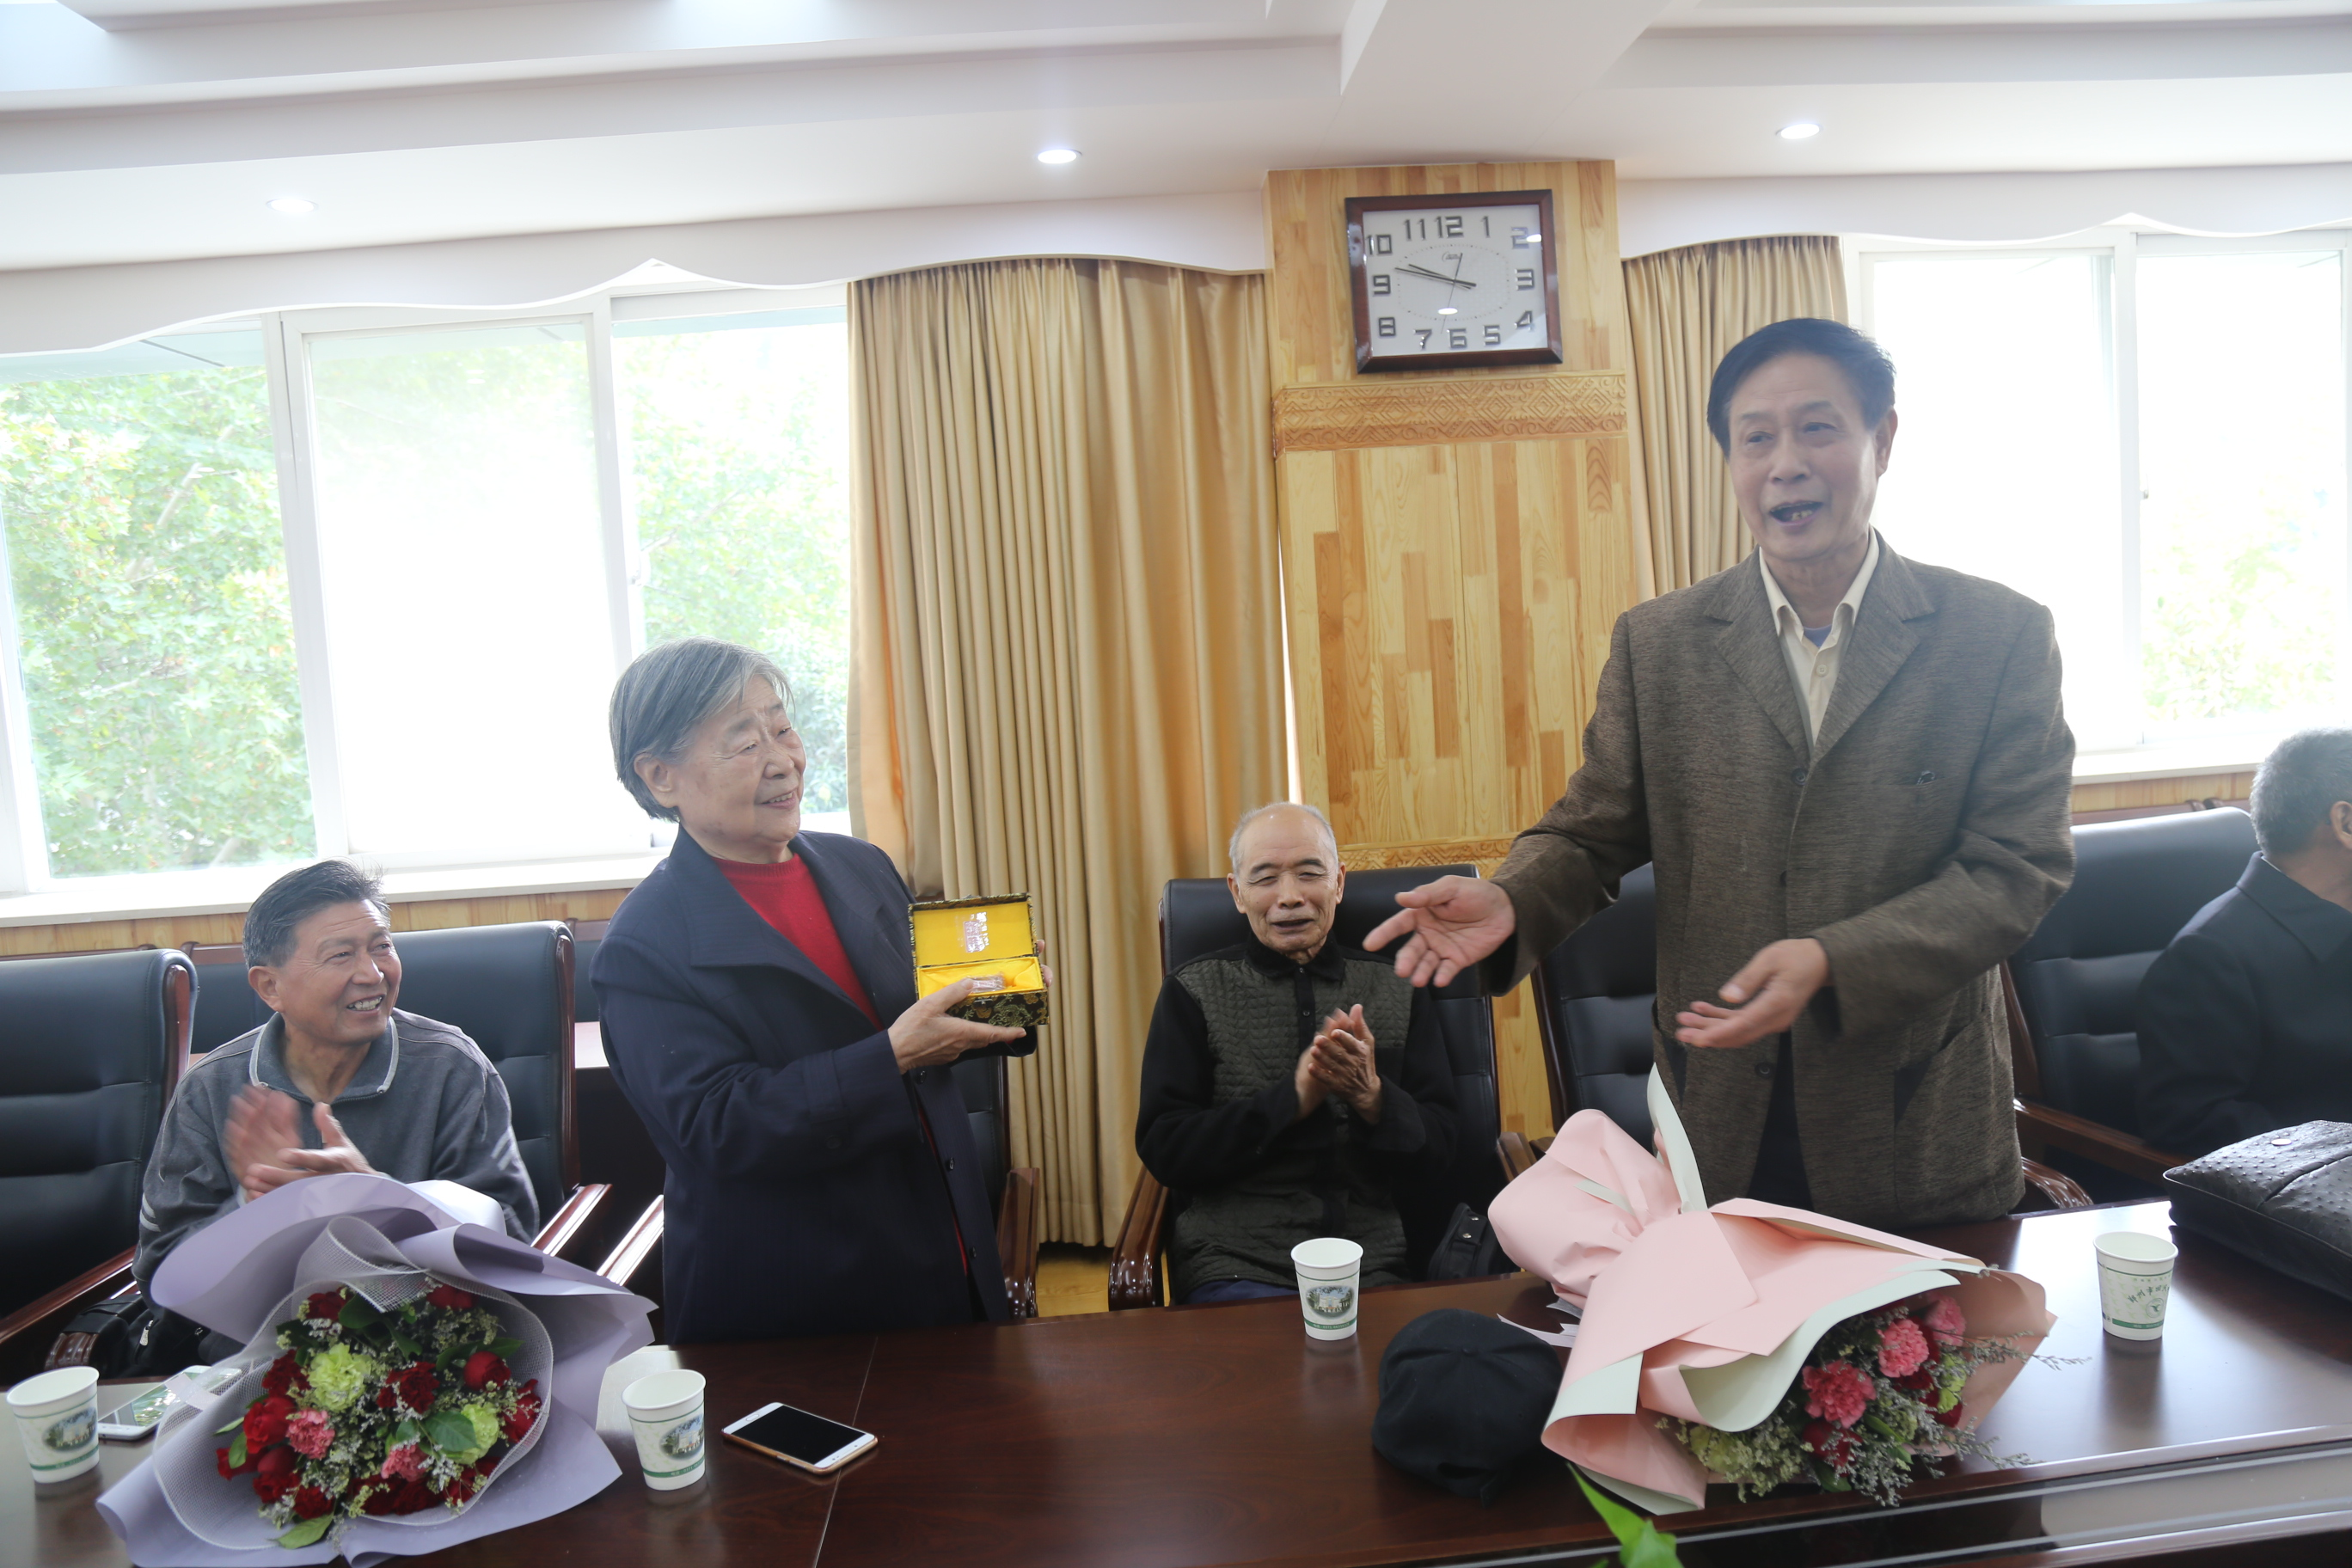 郑州回中党委书记崔振喜,副校长楚长鸿,纪委书记谢悦和校友们共叙母校